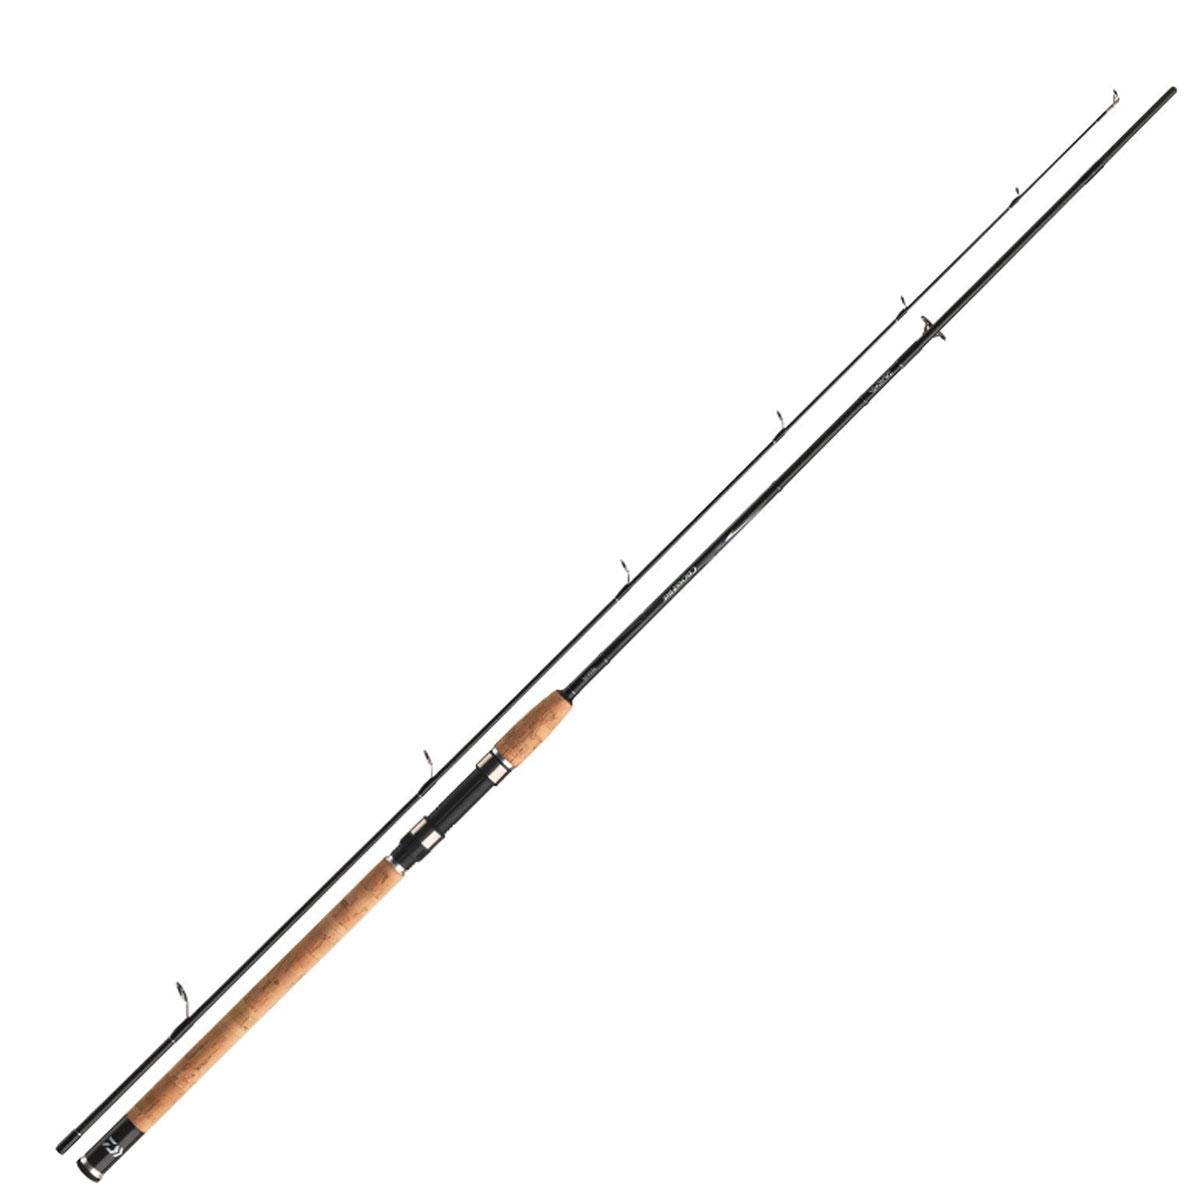 Спиннинг штекерный Daiwa Crossfire CF802MFS-AD 2,40м (15-40г) спиннинг штекерный daiwa crossfire cf1002hfs ad